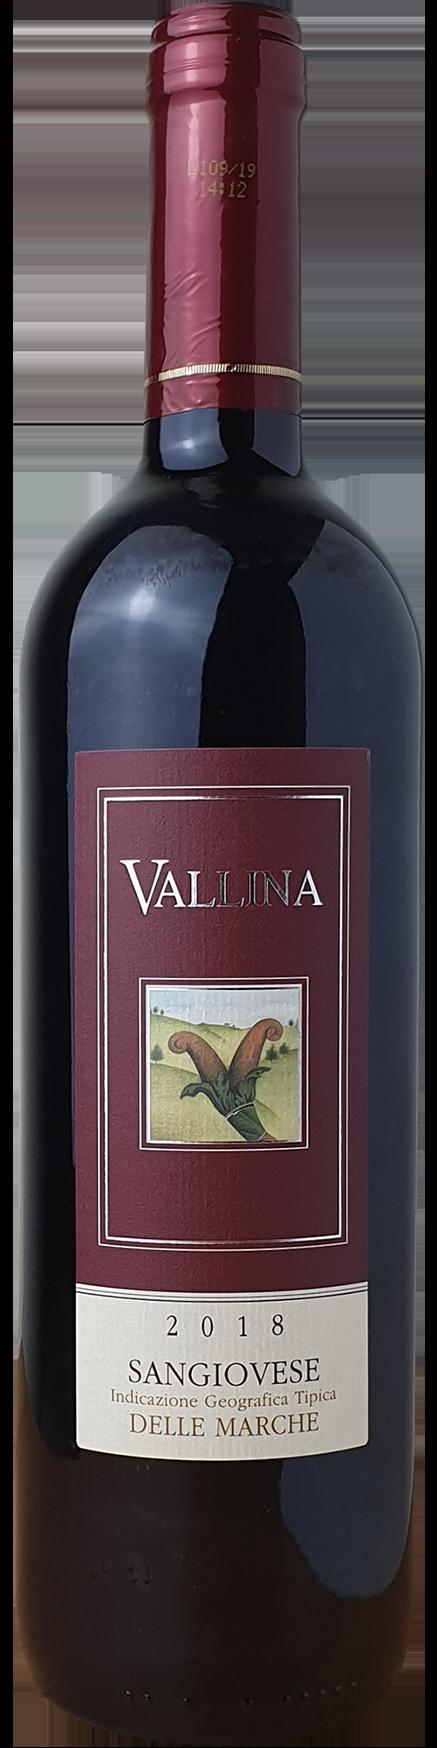 2018 Vallina Sangiovese